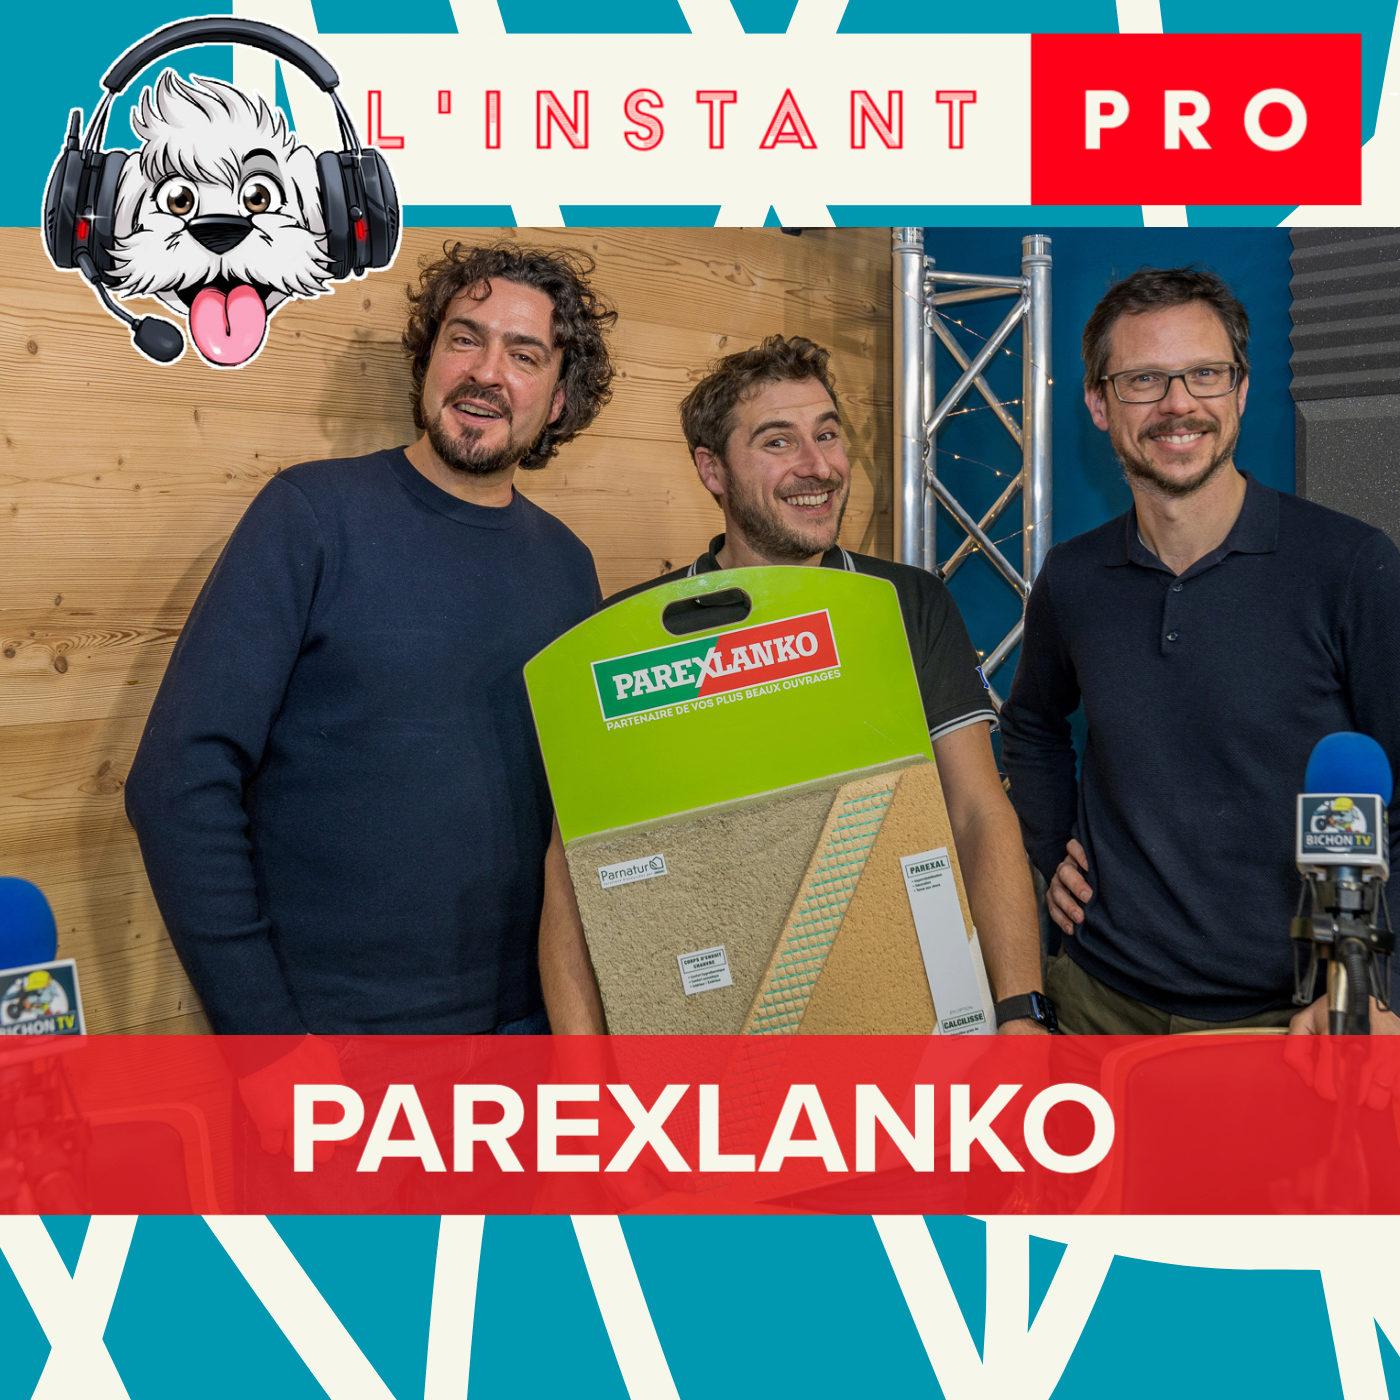 PARNATUR, l'enduit chanvre de PAREX LANKO. L'instant PRO de BichonTV